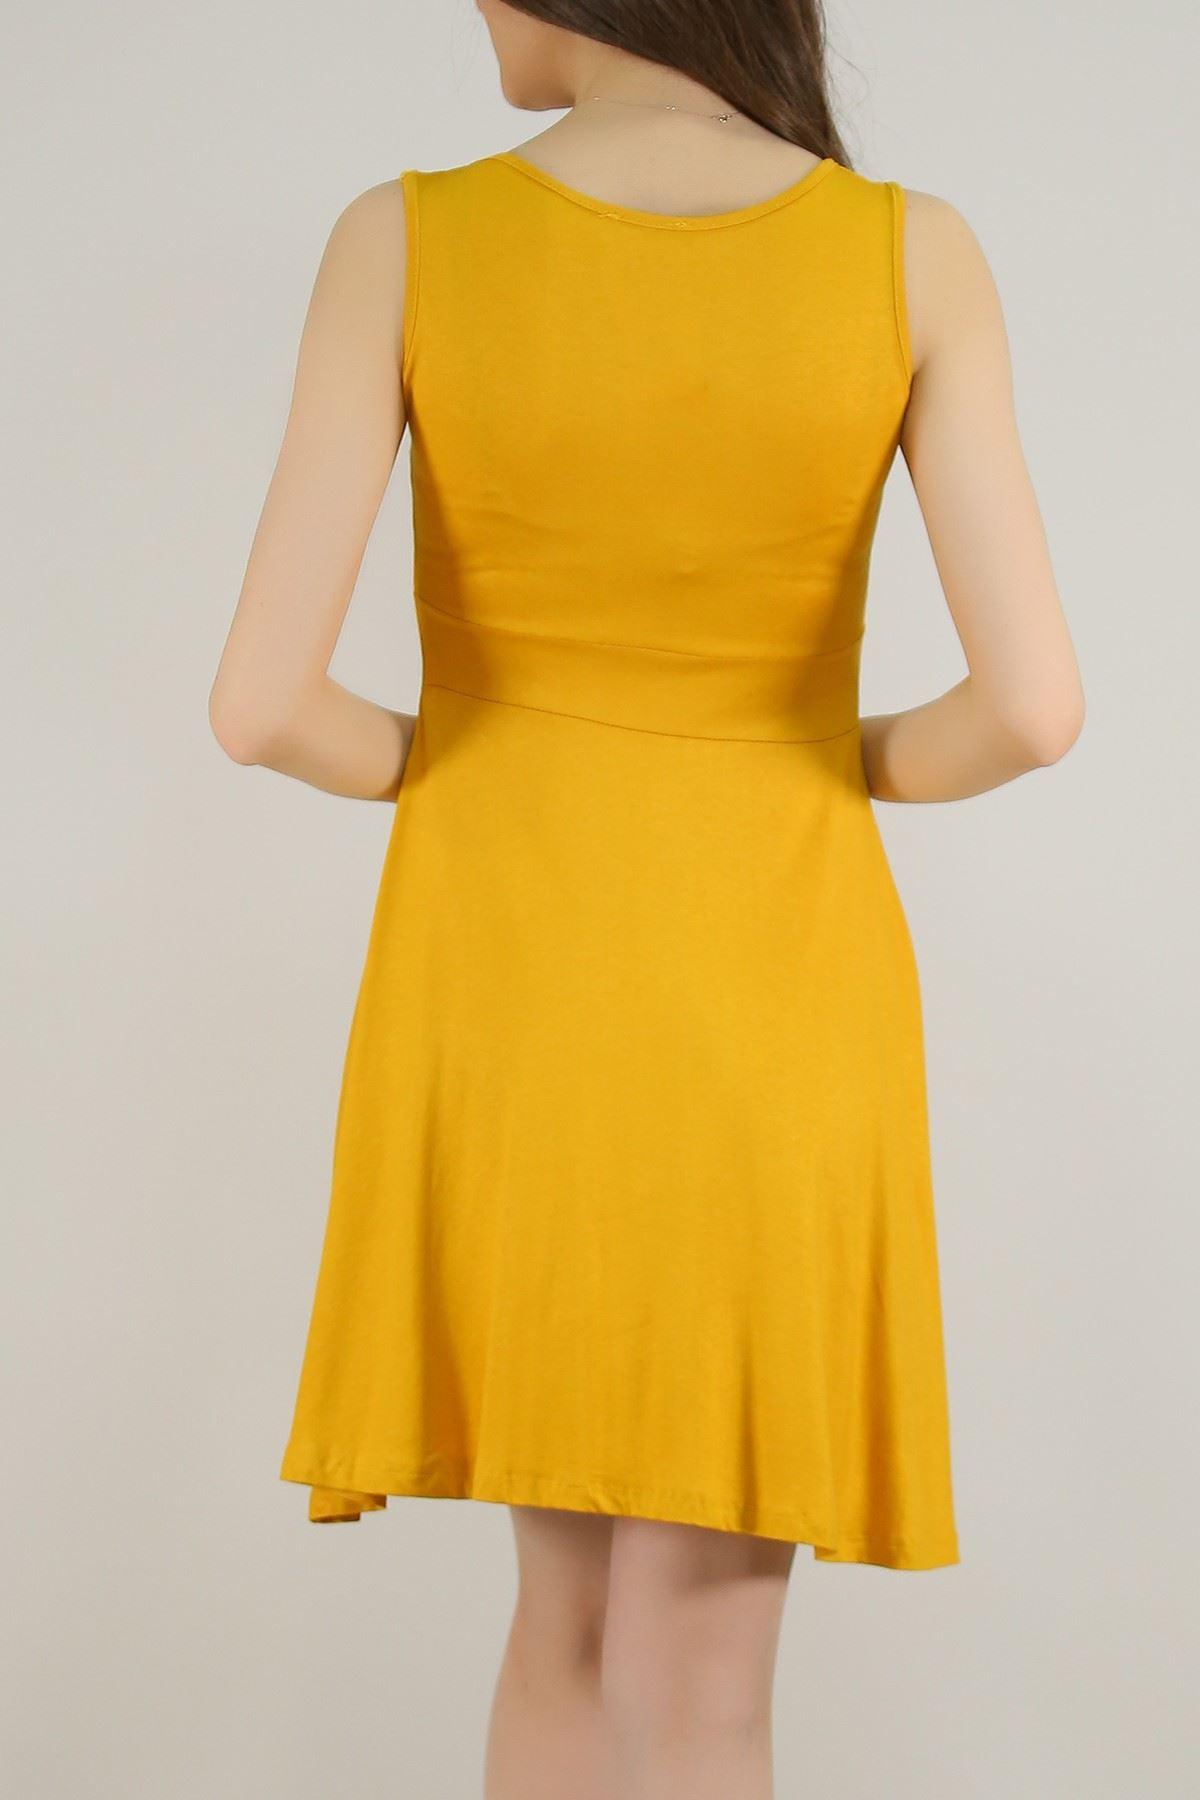 Sıfır Kol Kloş Elbise Sarı - 5430.716. Toptan